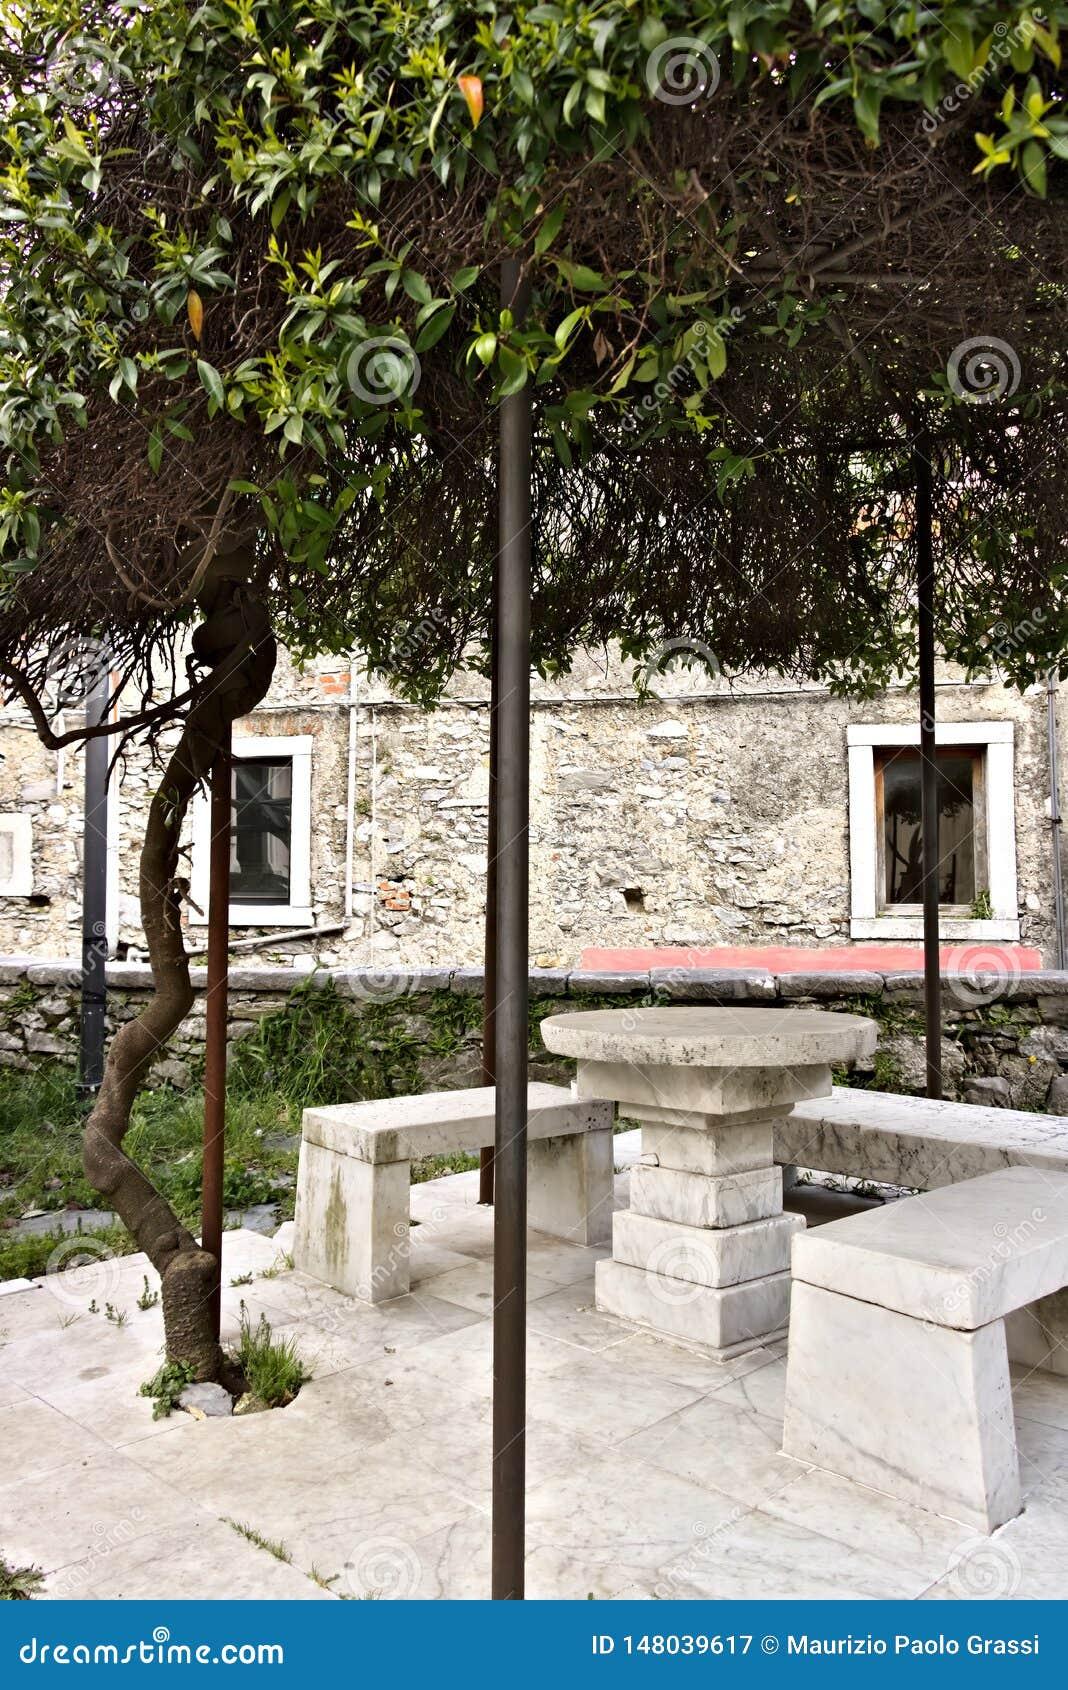 Στο τετράγωνο εκκλησιών υπάρχει μια αρχική πέργκολα που καλύπτεται από το s